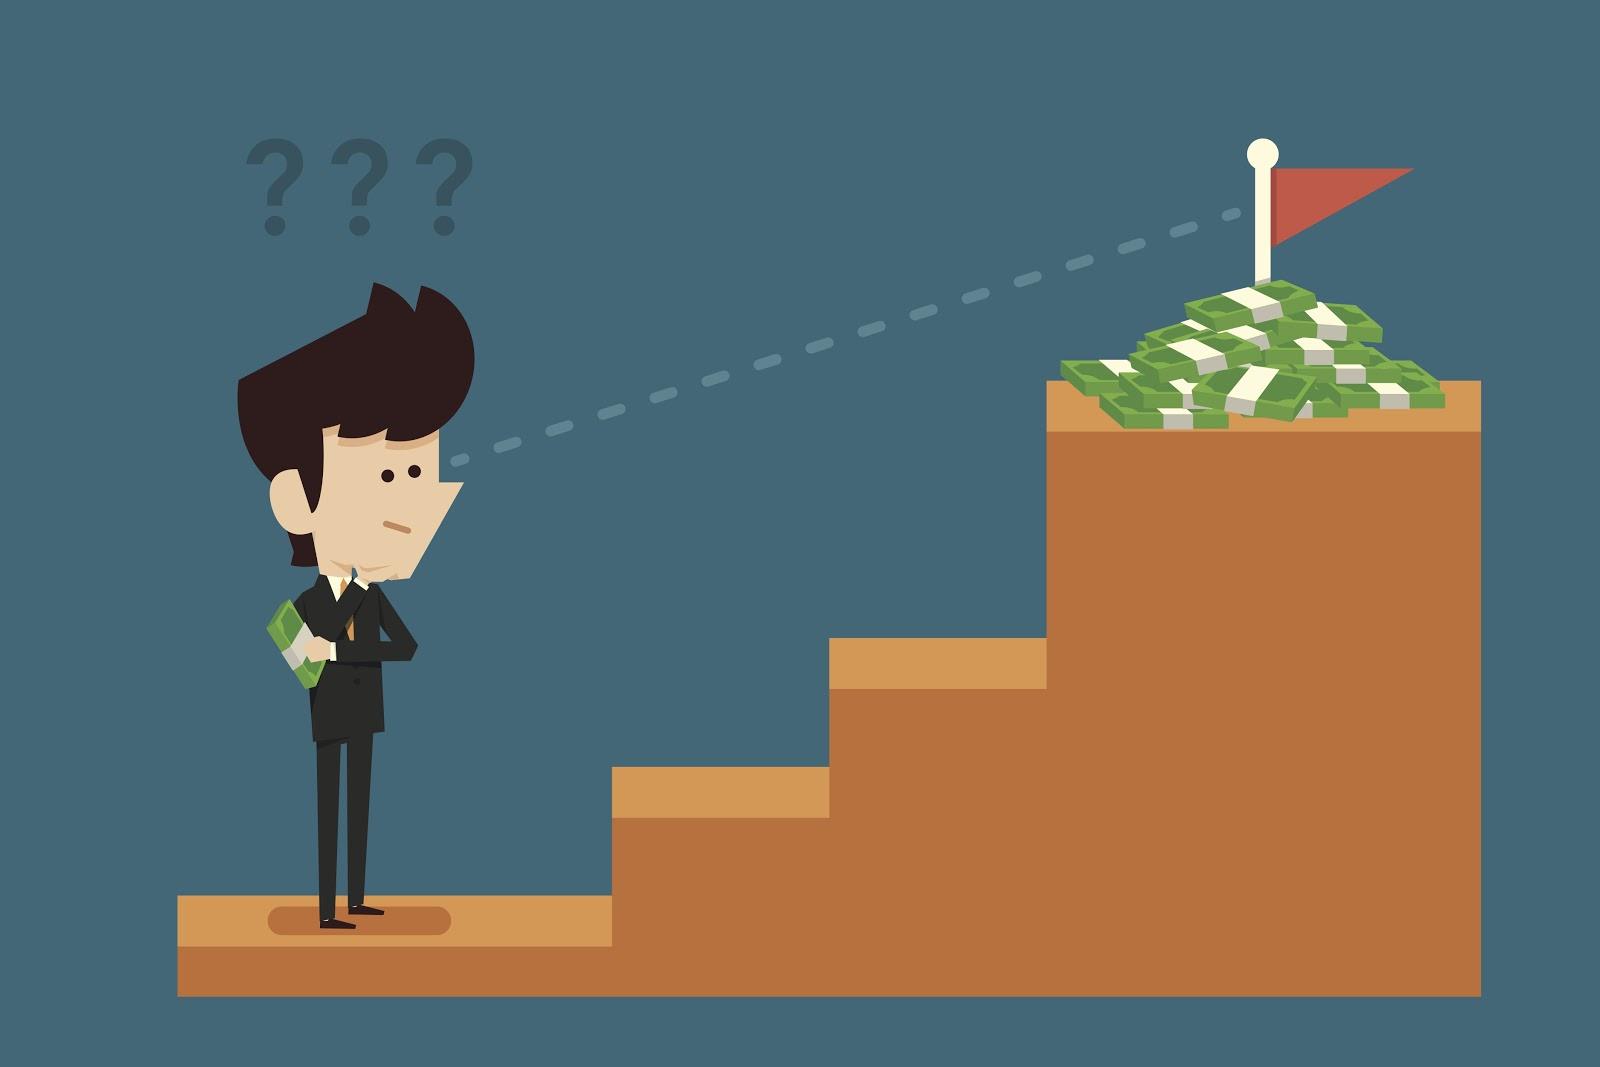 Ý tưởng lương bao nhiêu là giàu?